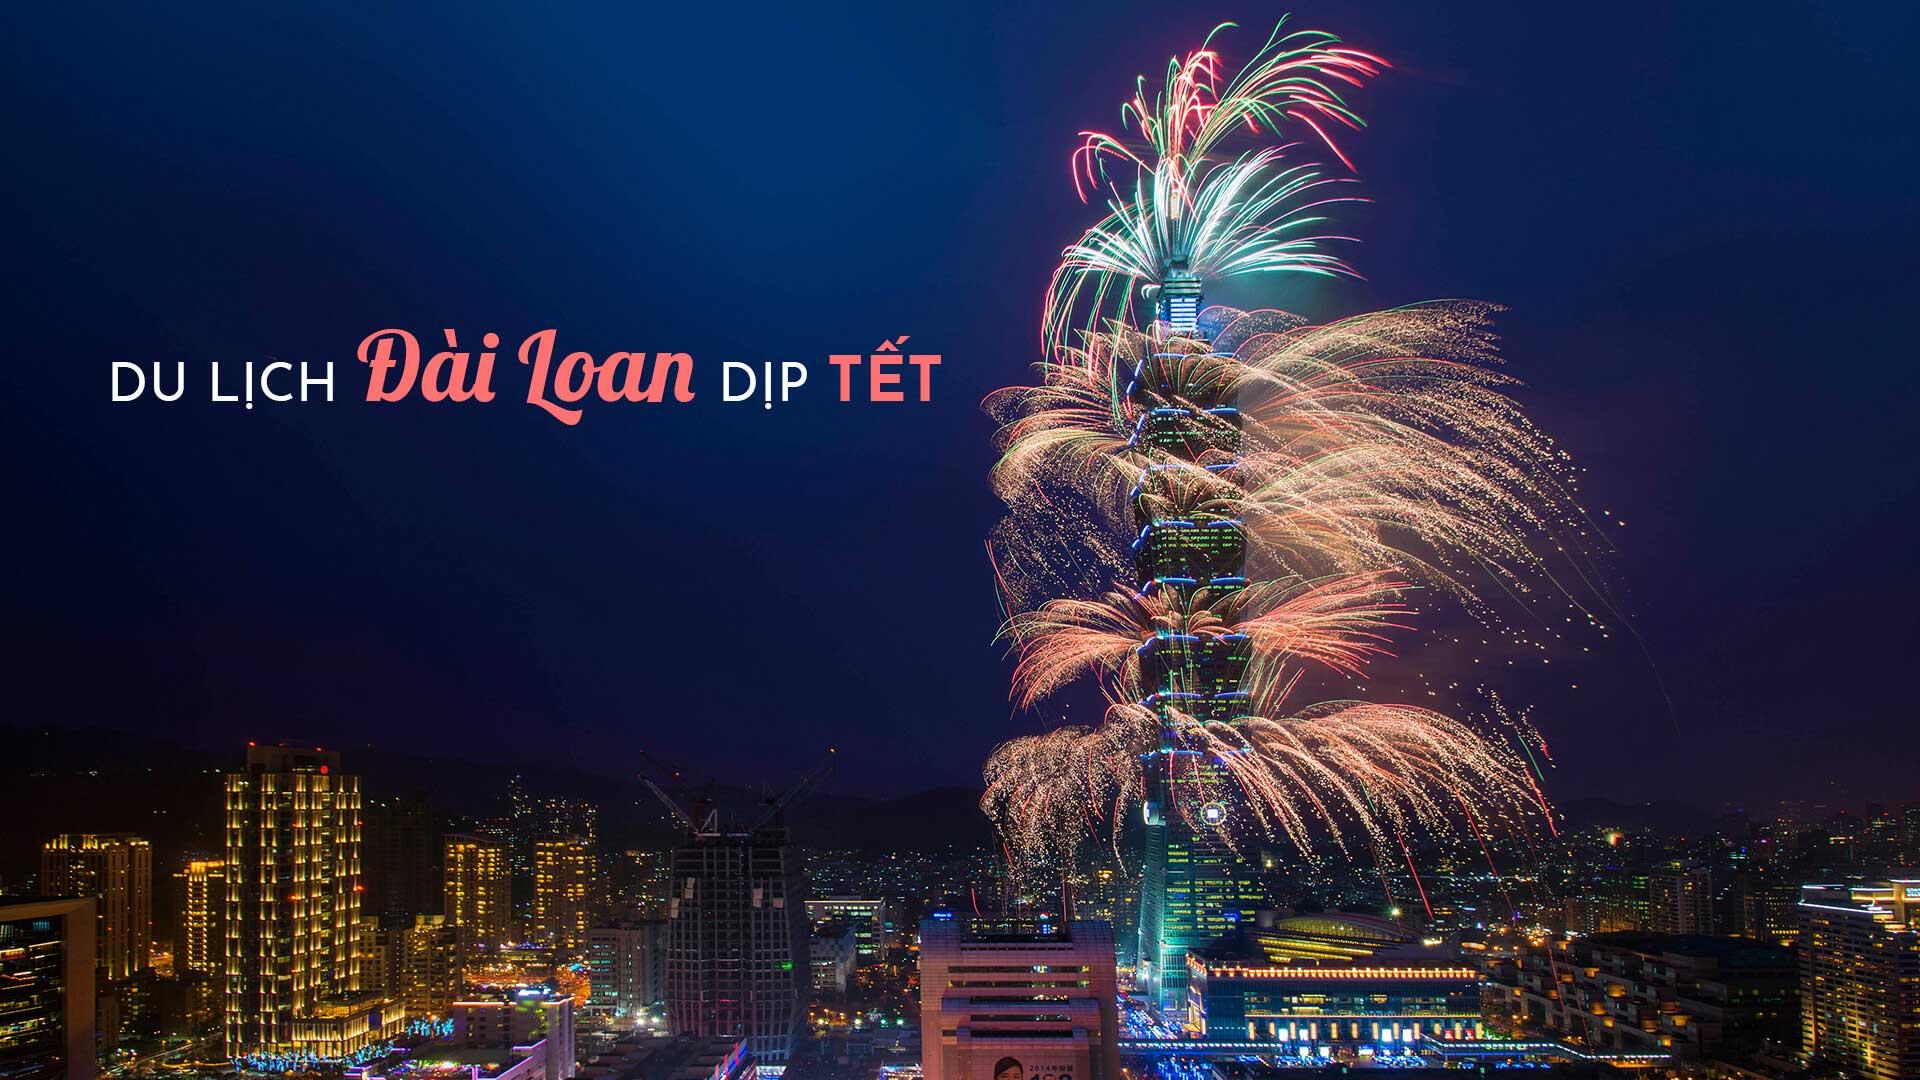 Du lịch Đài Loan dịp Tết có nên không? Cần lưu ý gì?